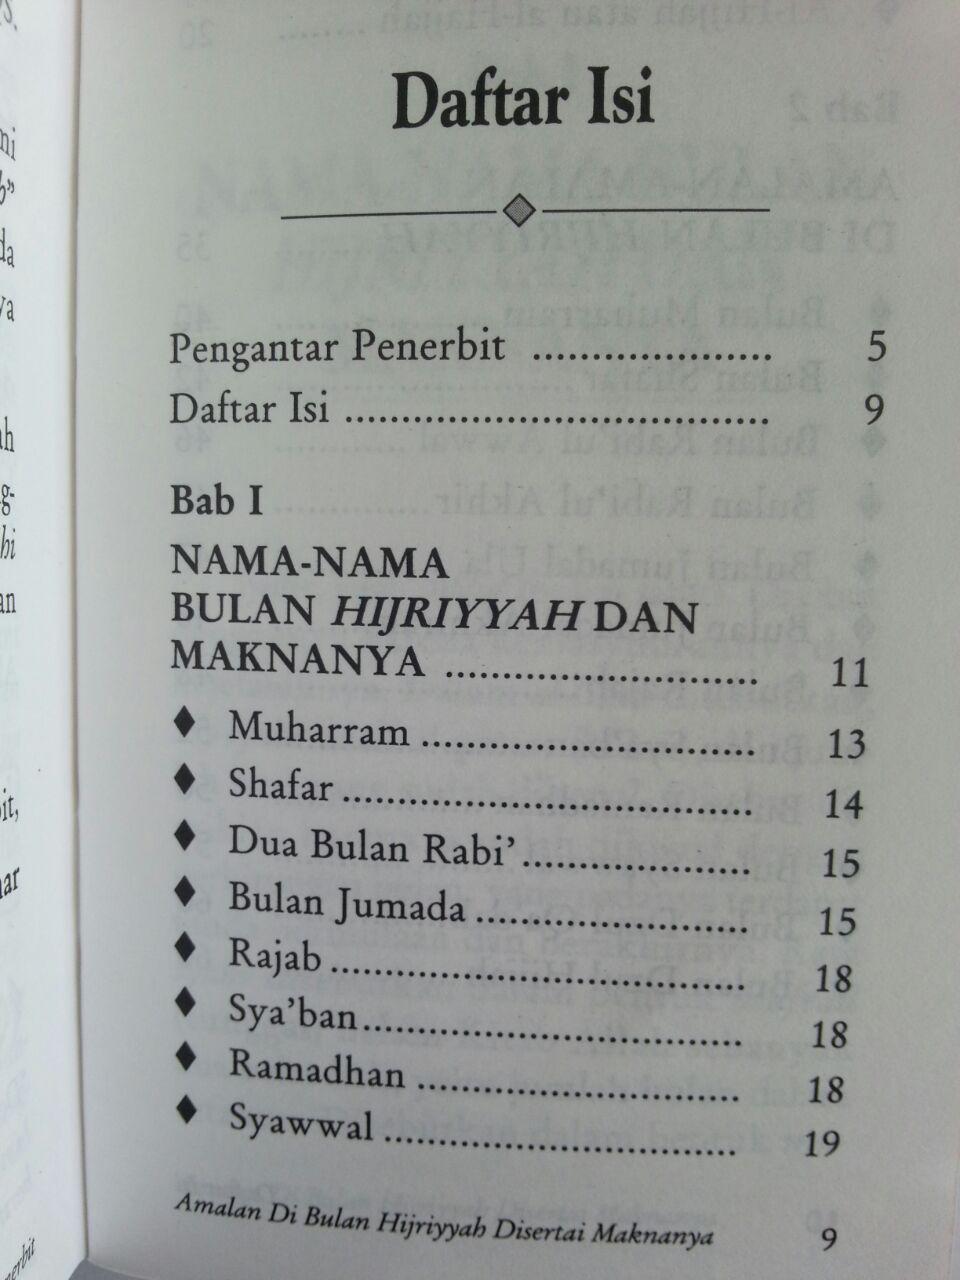 Buku Saku Amalan Di Bulan Hijriyyah Disertai Maknanya isi 2